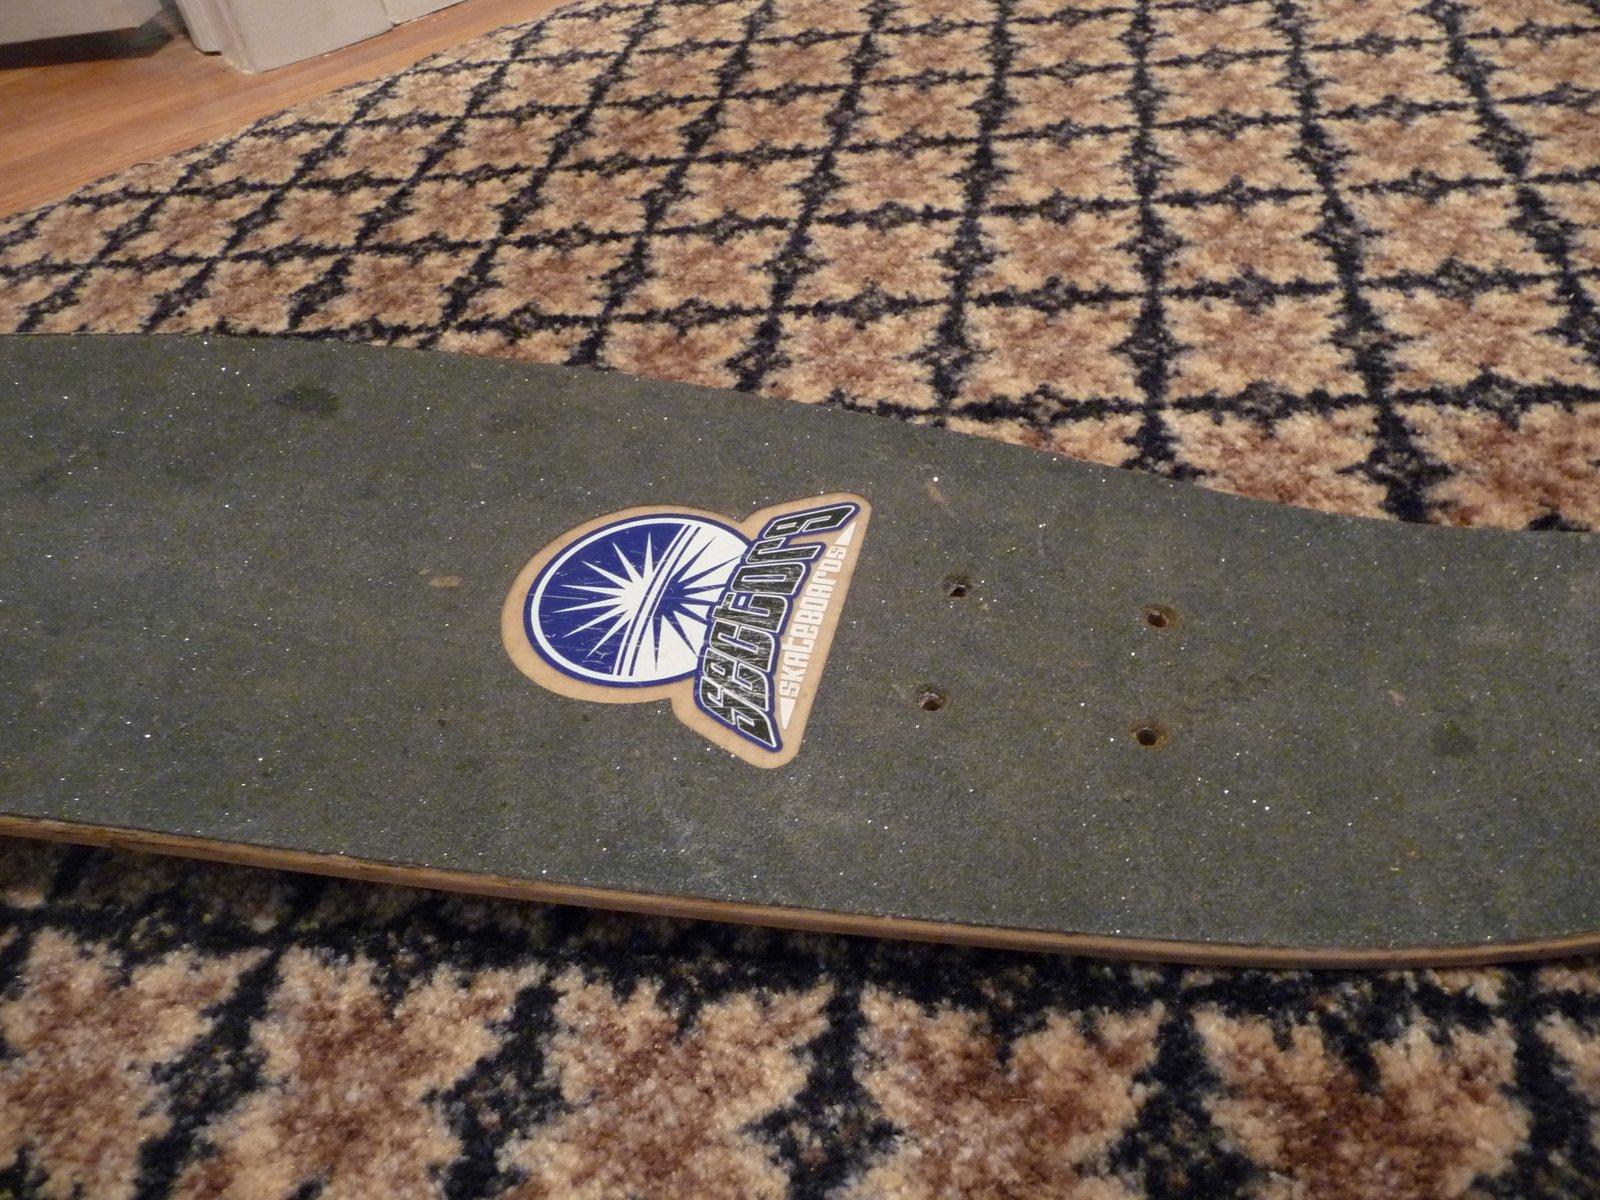 Board Tail - Top